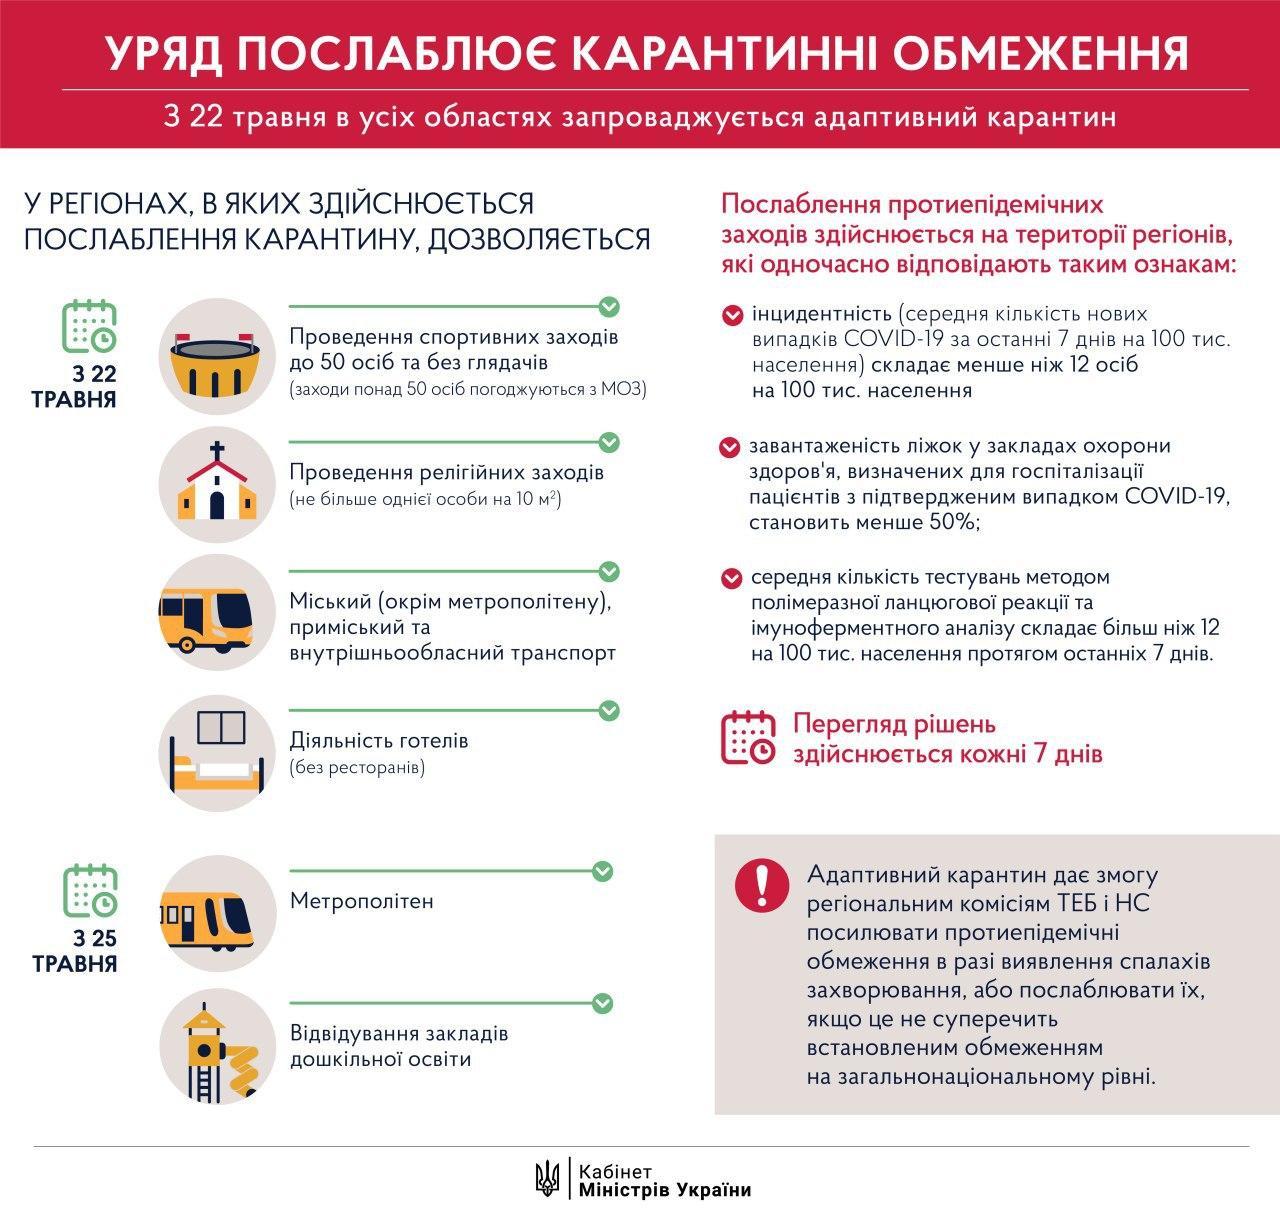 Правительство поддержало решение по смягчению карантина: каким регионам позволят его ослабить, что откроется с 22 мая, что — с 25 мая